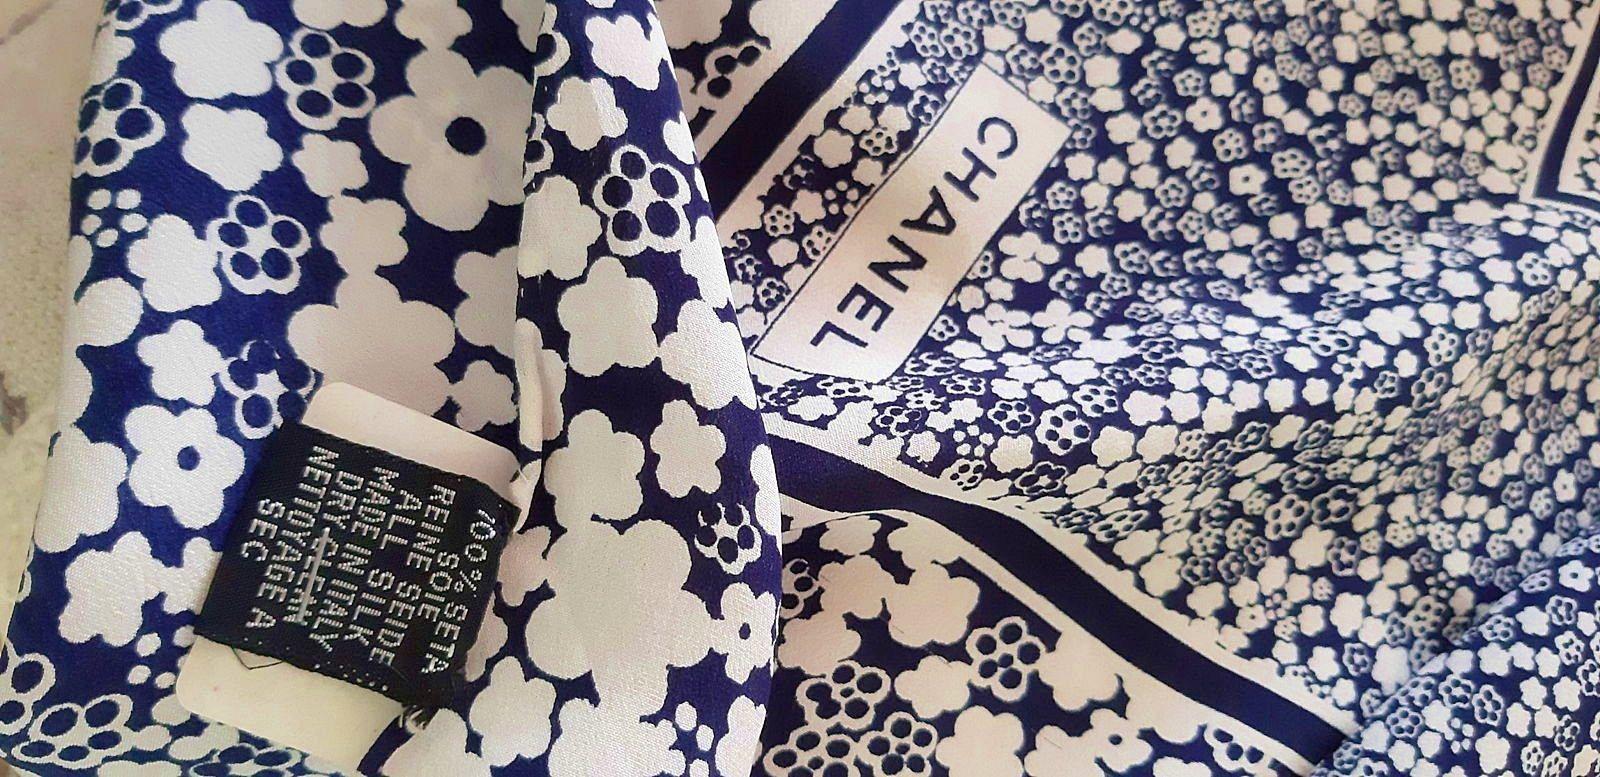 Grand carré de soie Chanel année 70parfait état